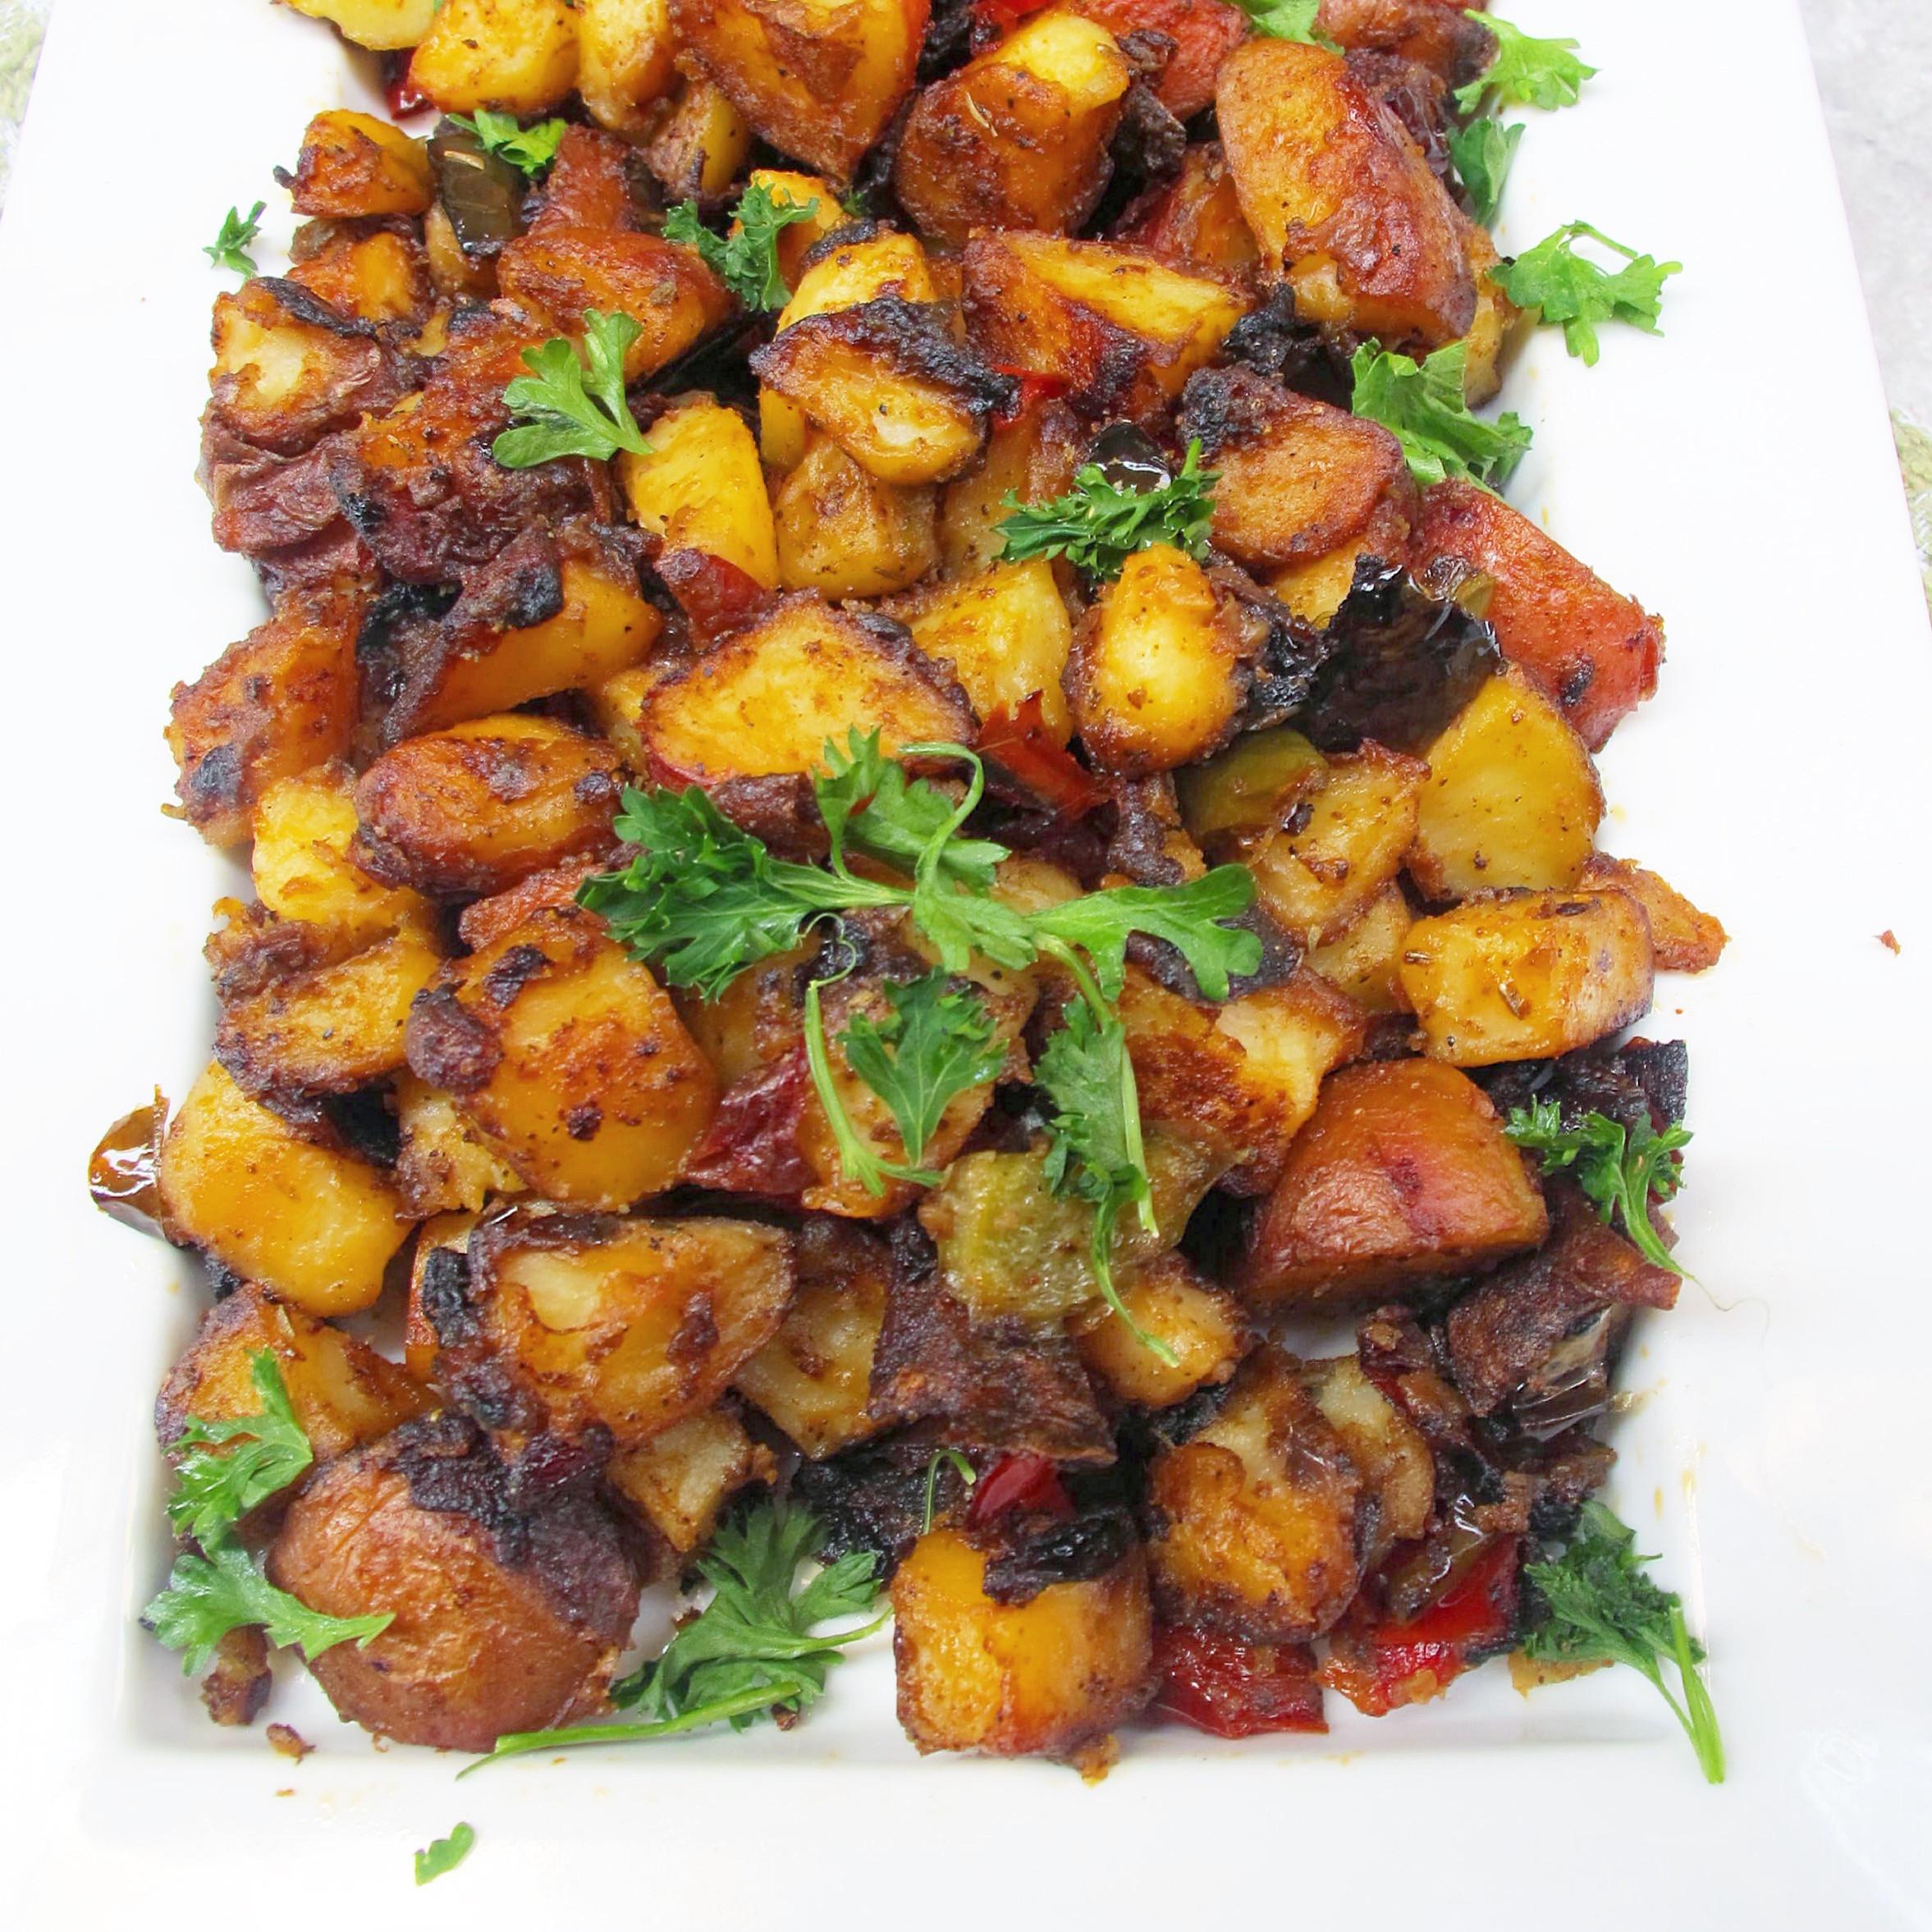 Breakfast Potatoes Skillet  Easy Skillet Breakfast Potatoes Ev s Eats